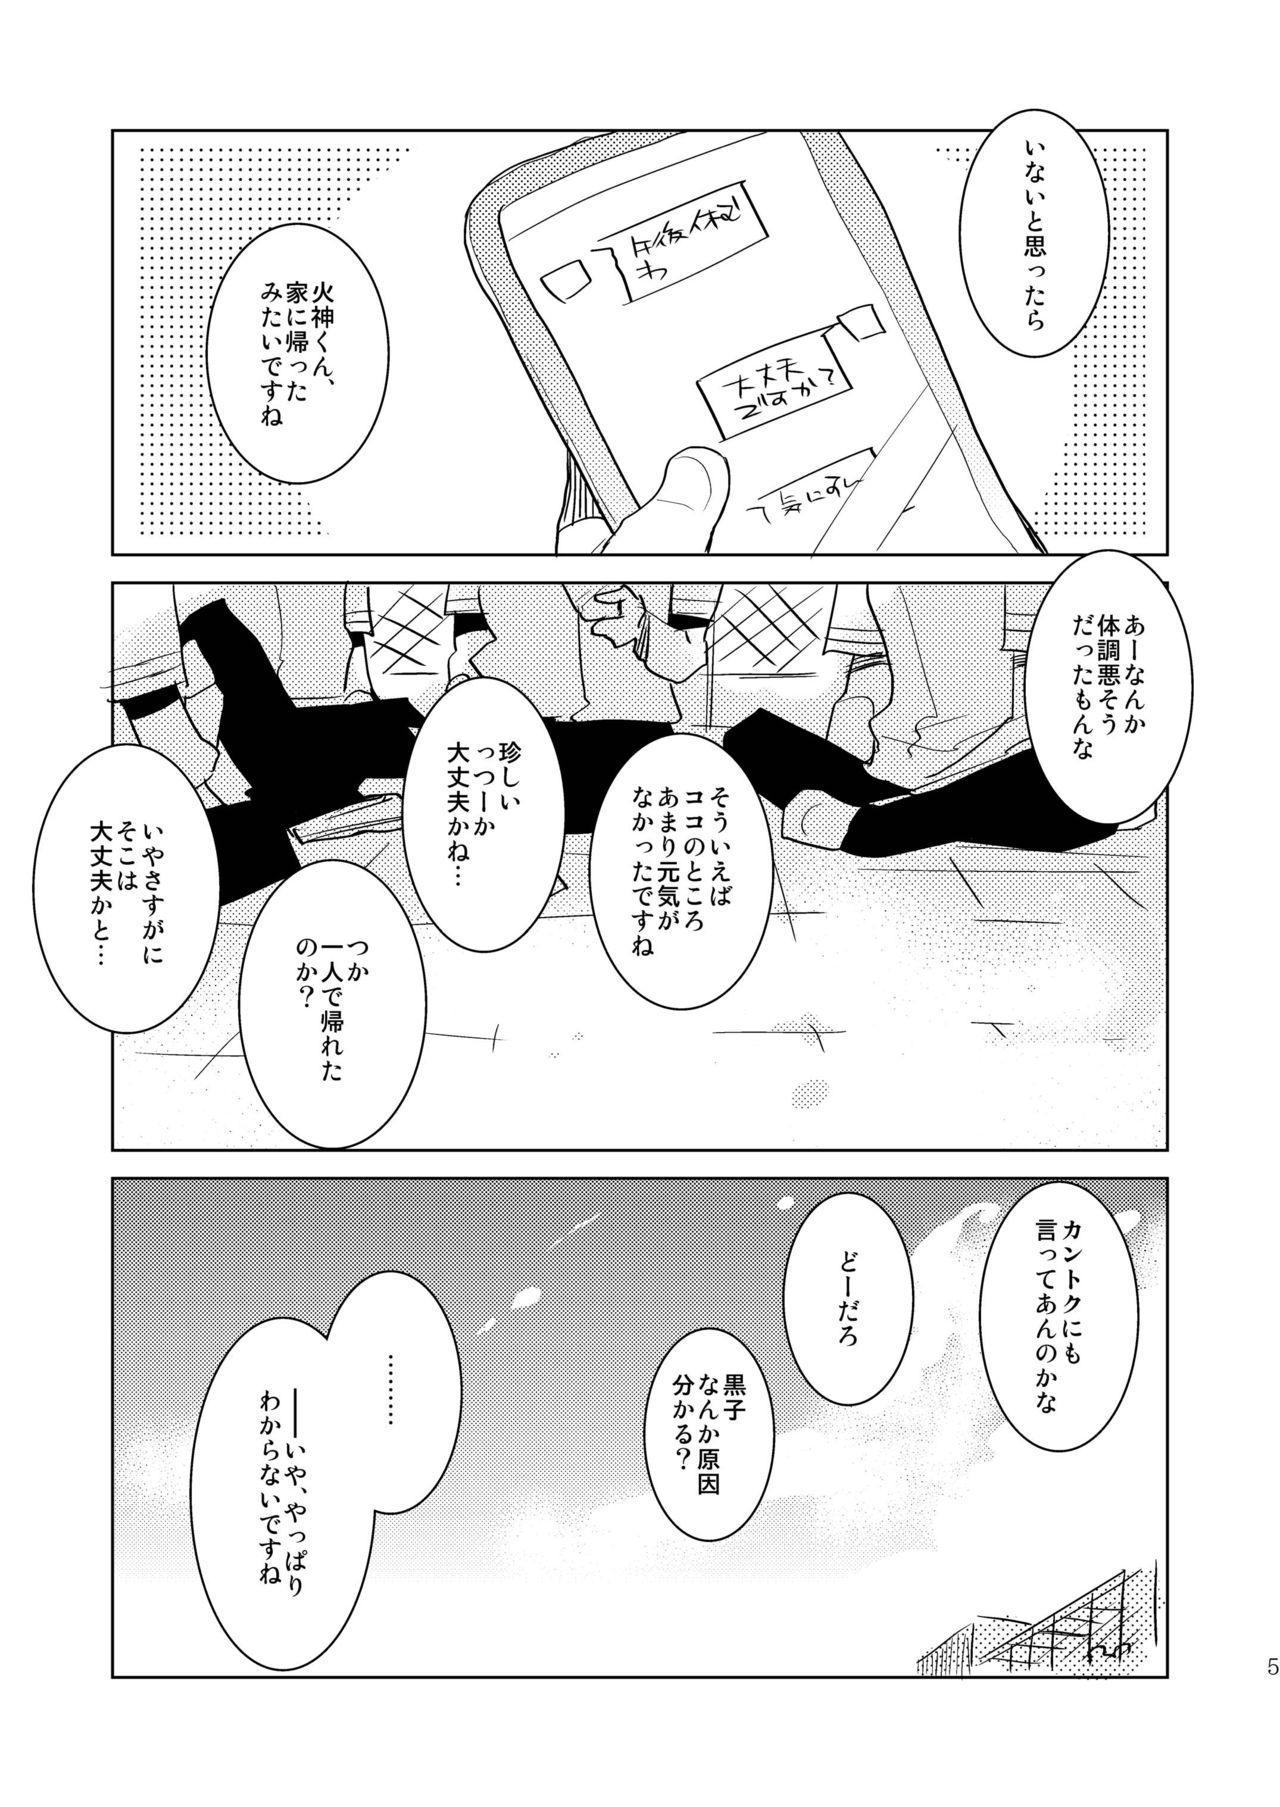 Kagami-kun no Ero hon 9 Ippatsuyara Sete Kure! 3